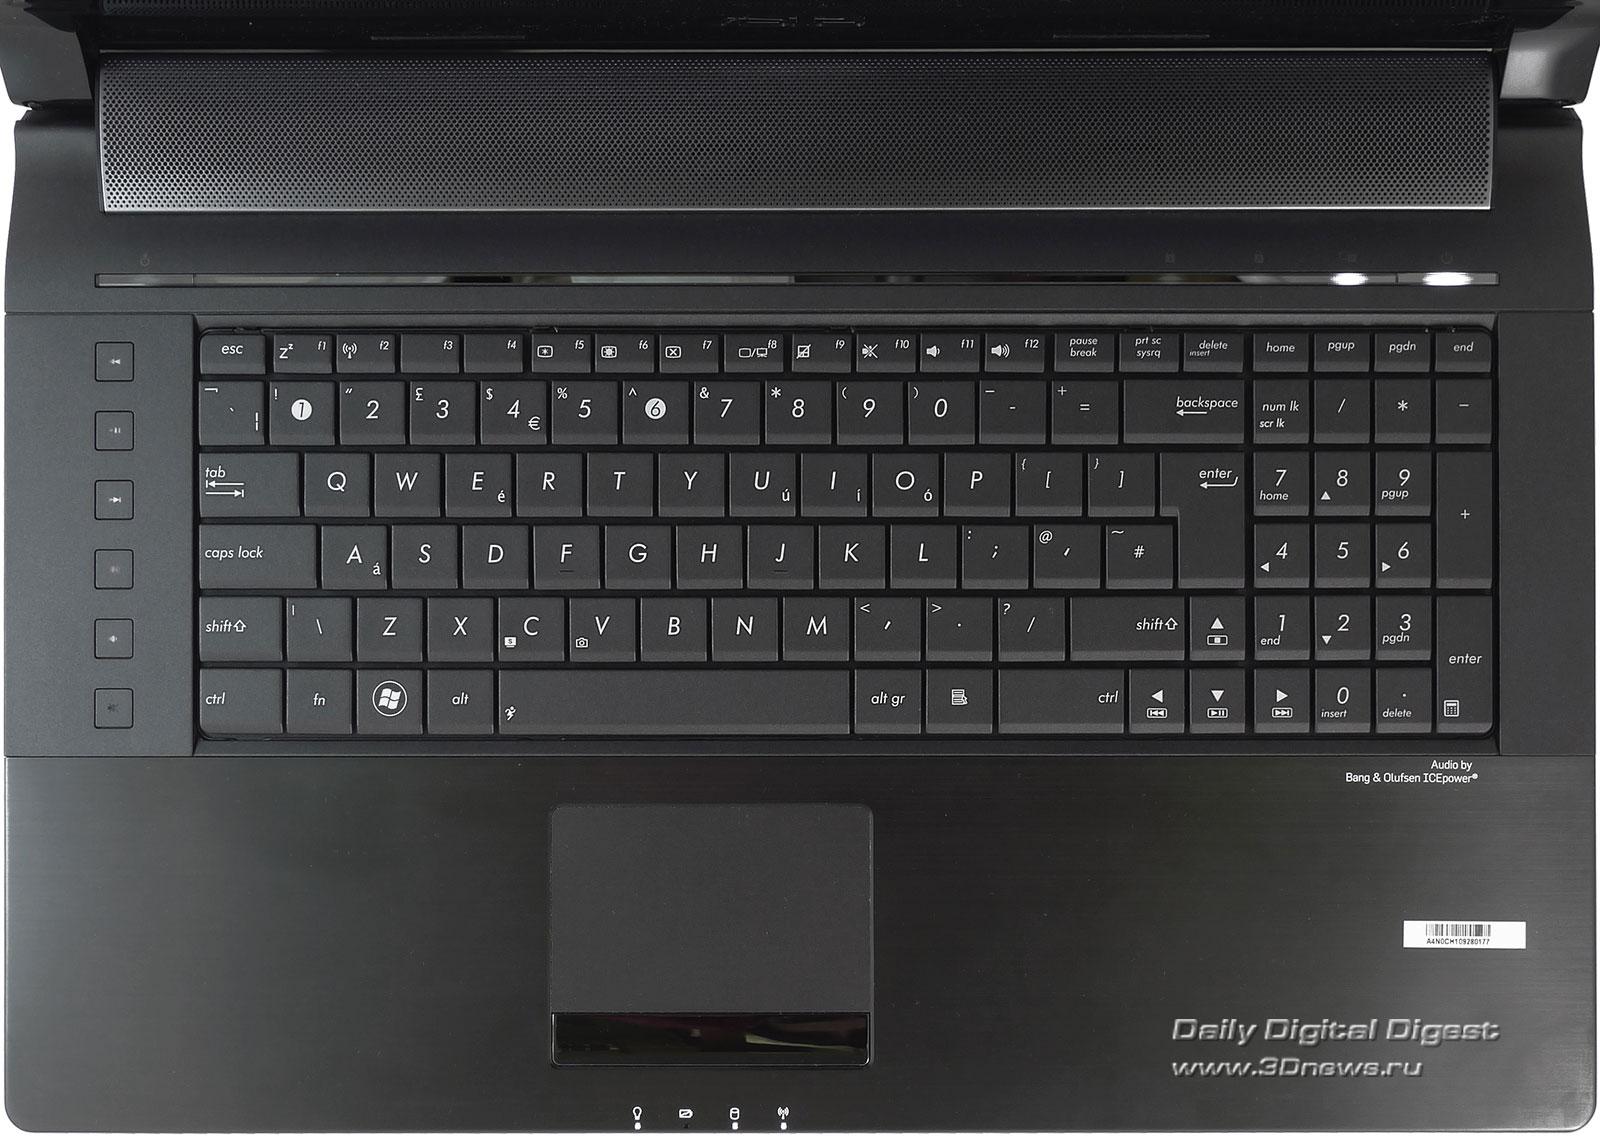 Картинки клавиатур ноутбуков